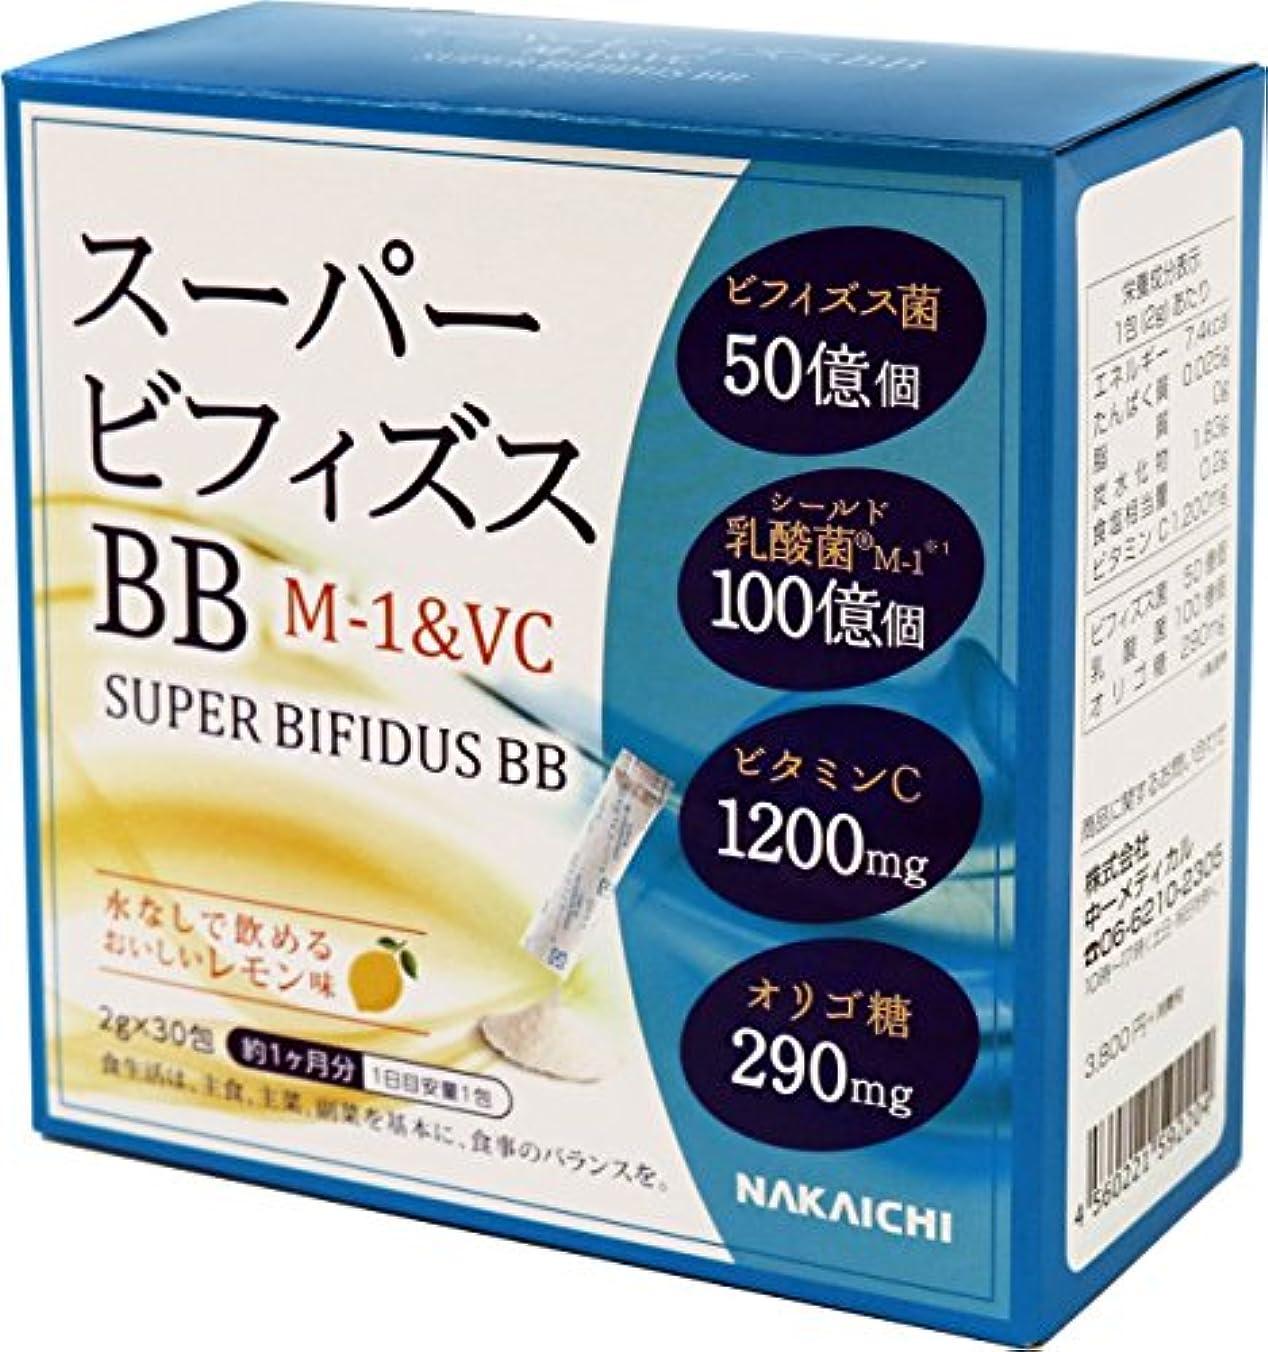 やむを得ないとは異なり論理的スーパービフィズスBB M-1&VC ビフィズス菌?乳酸菌にビタミンCをプラス